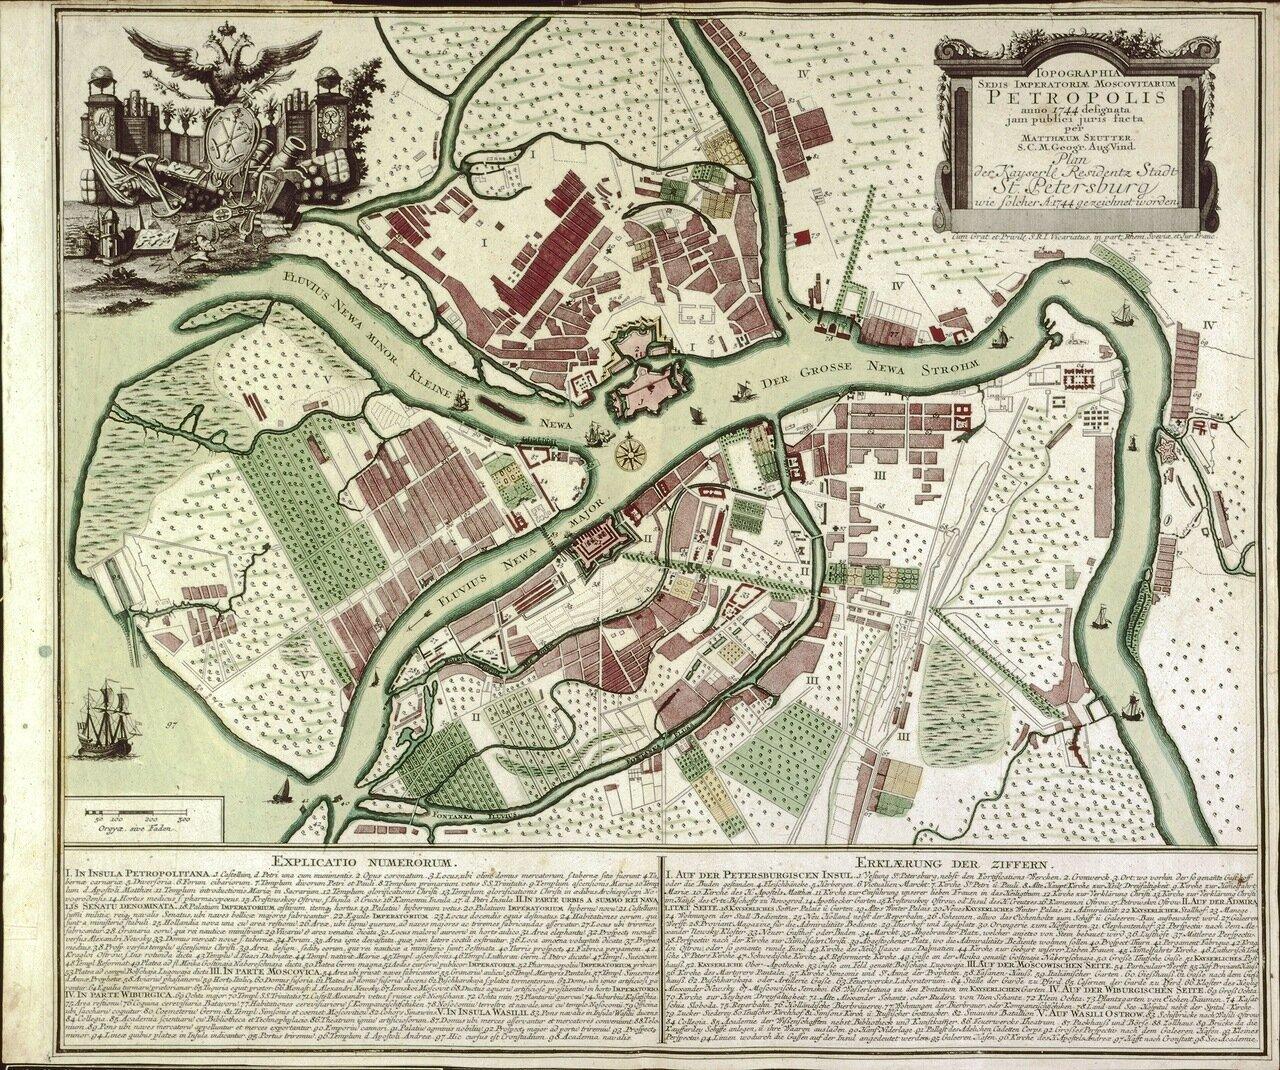 1744. Топографическая карта Петрополиса